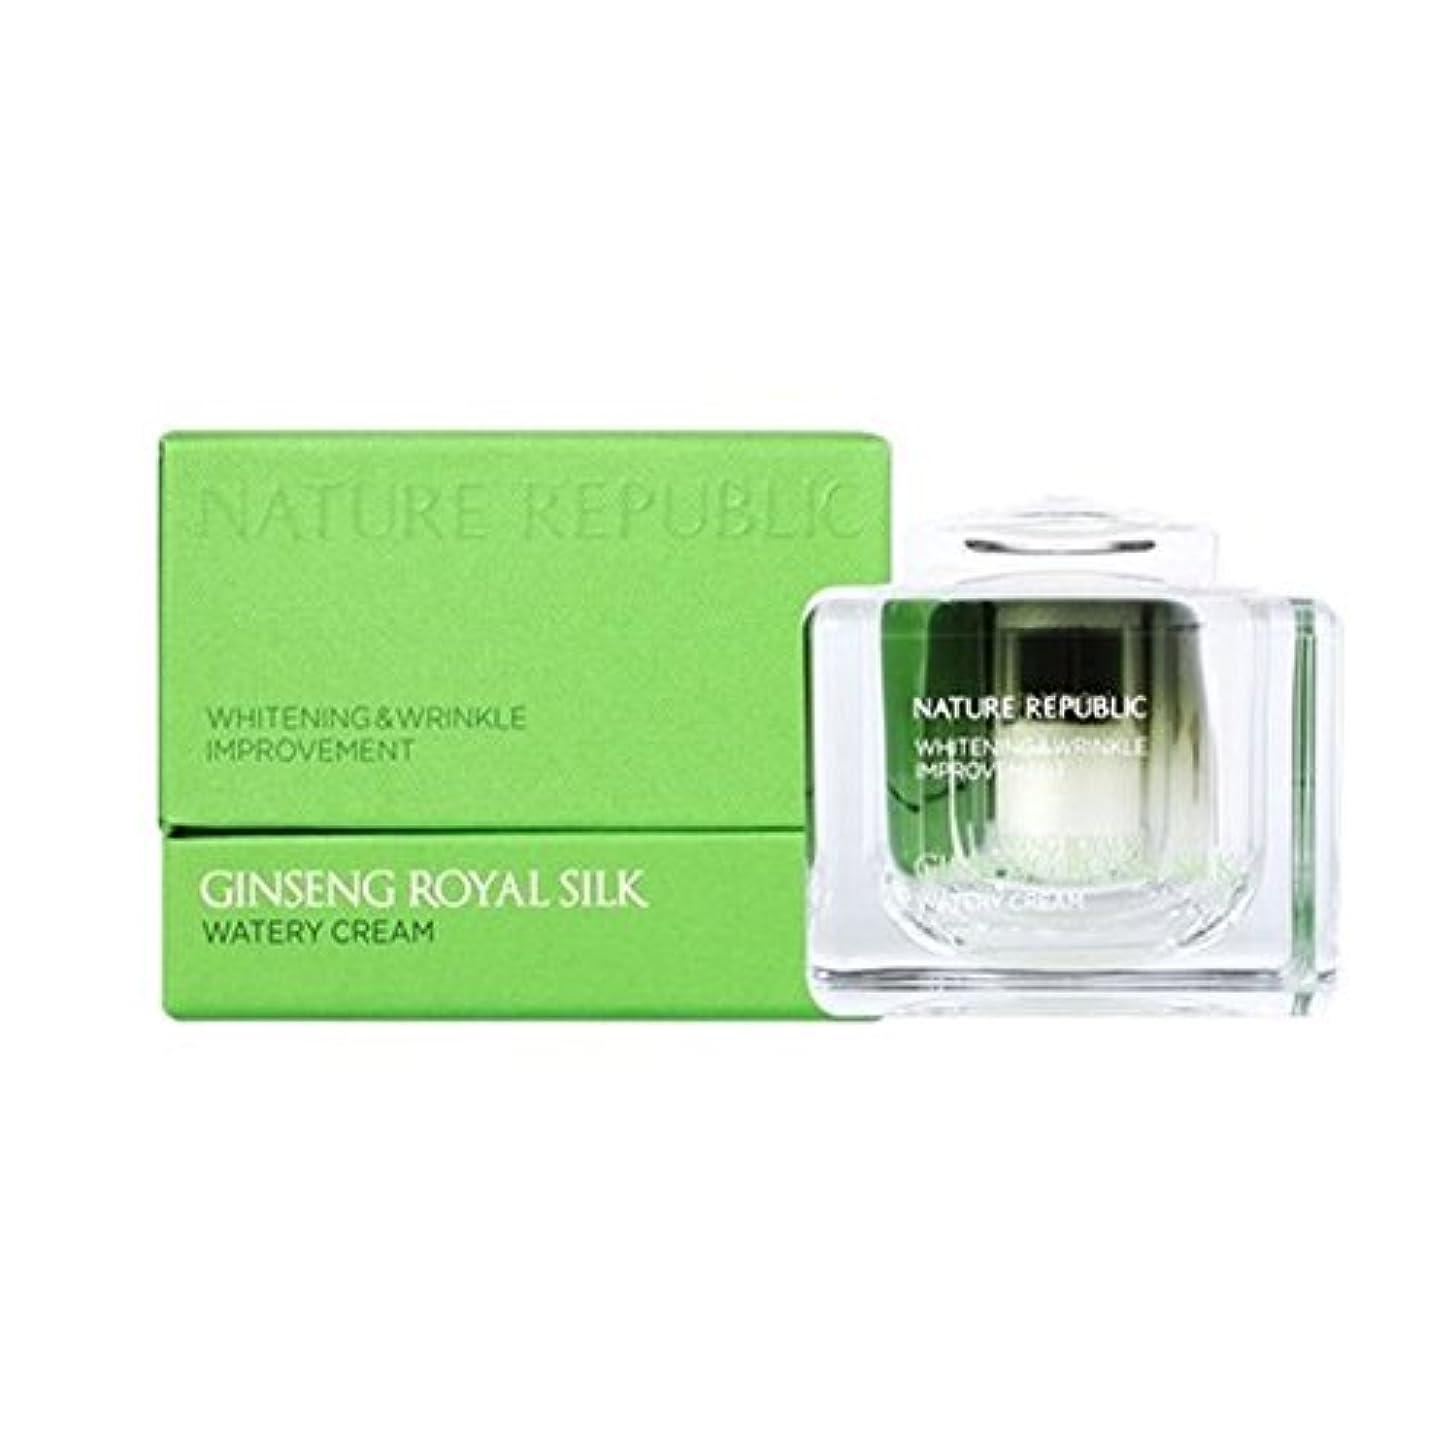 投資するリーダーシップペッカディロネイチャーリパブリック(NATURE REPUBLIC)ジンセンロイヤルシルクウォトリクリーム 60ml NATURE REPUBLIC Ginseng Royal Silk Watery Cream 60ml [並行輸入品]